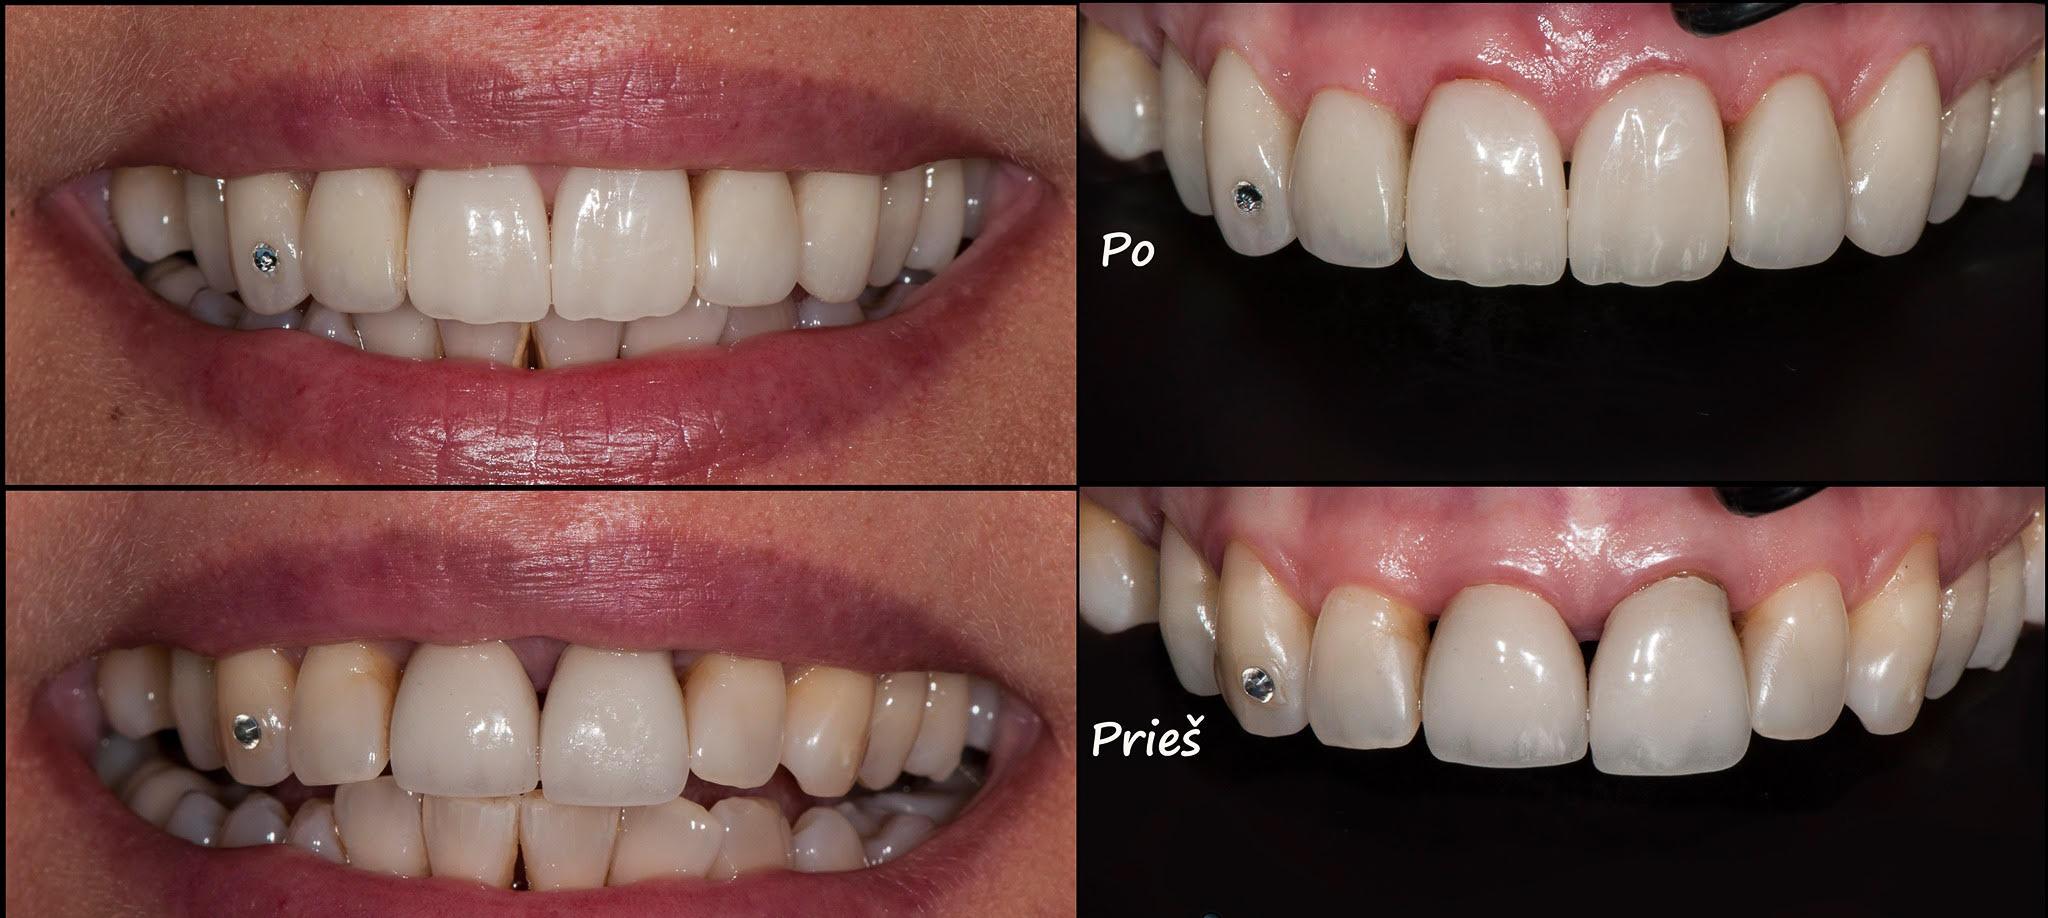 Priekiniai dantys prieš ir po